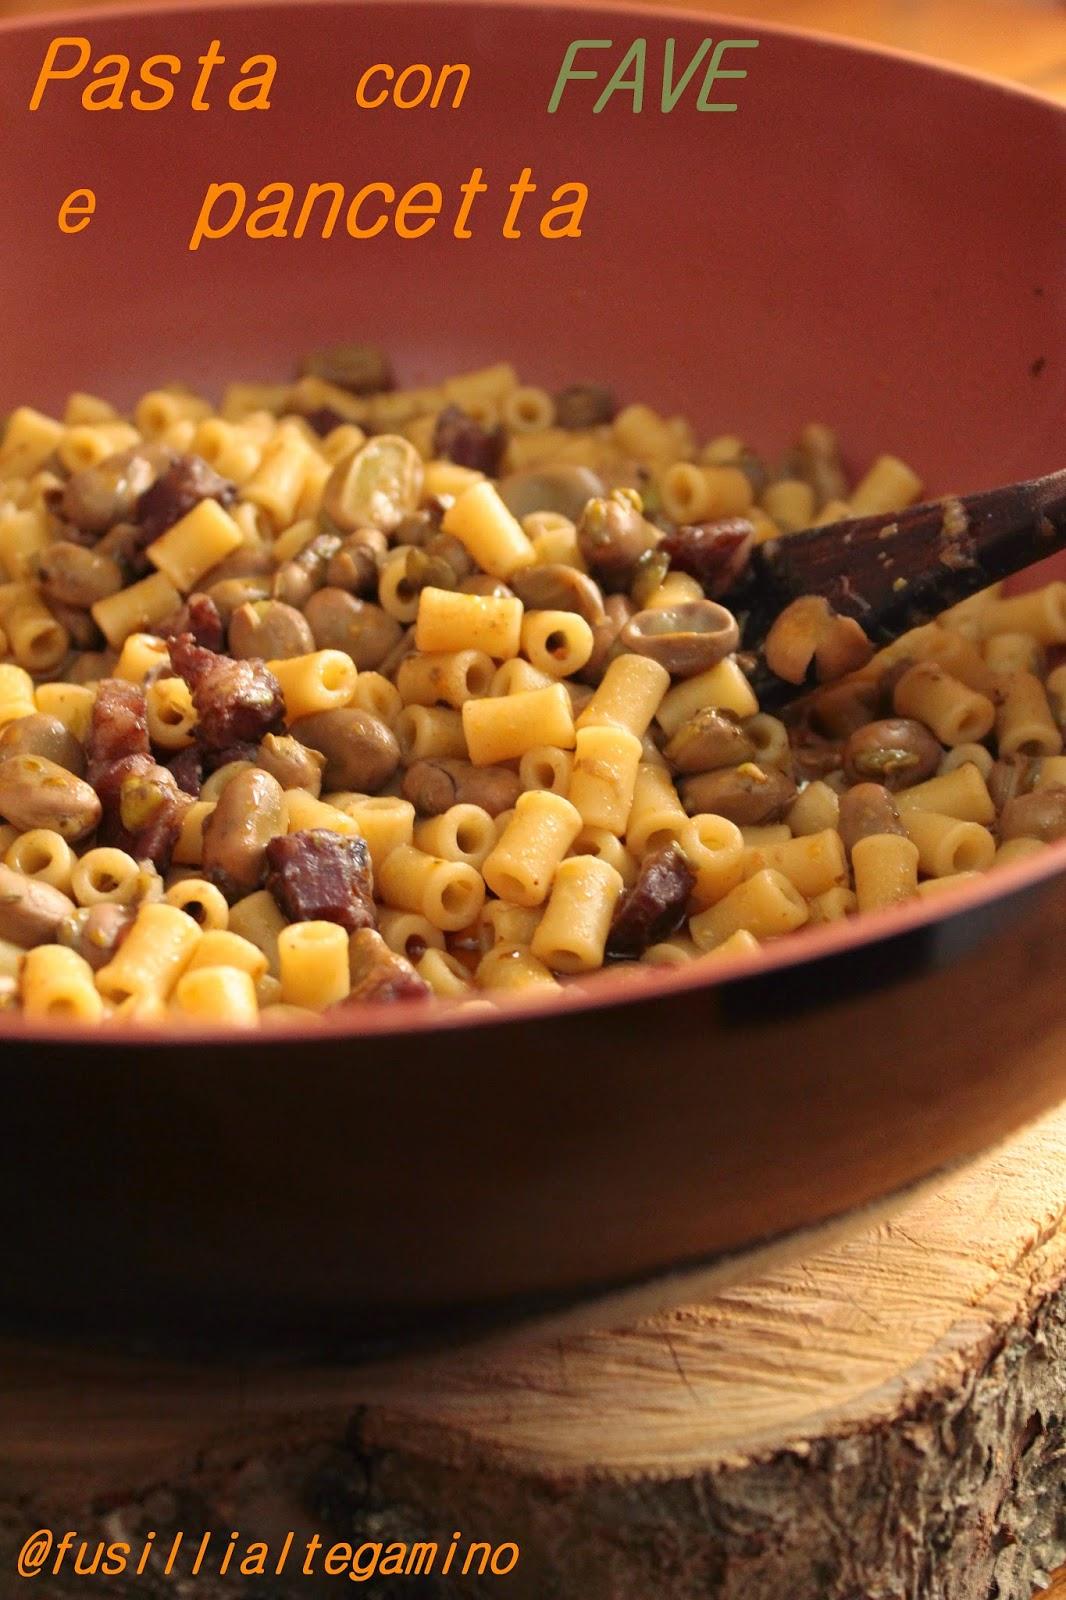 pasta con fave e pancetta